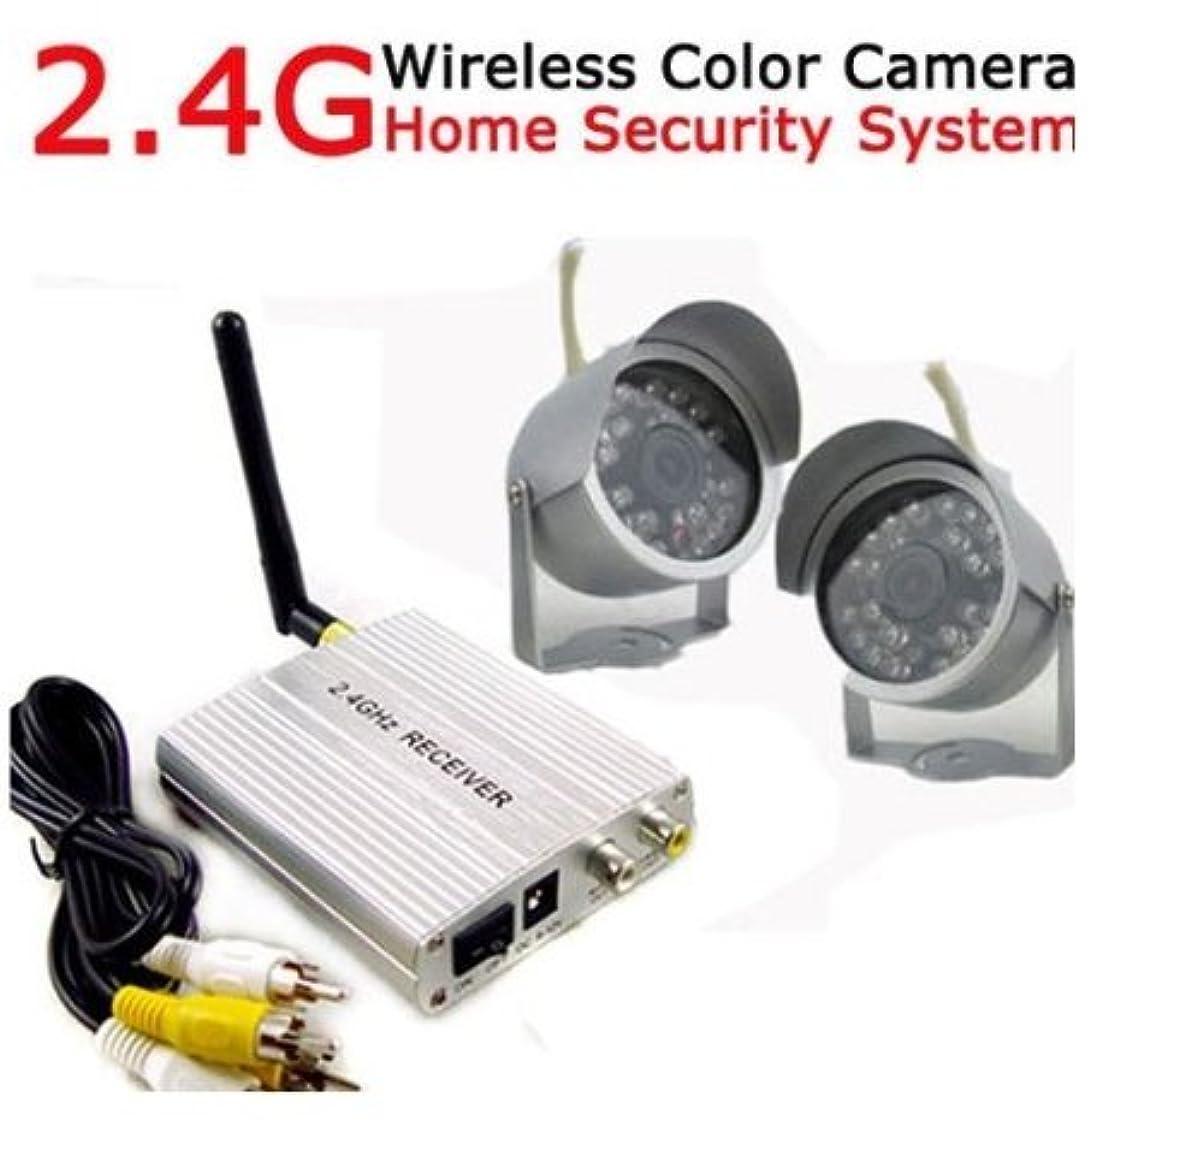 新しい意味スパイラルヒゲクジラ2個のカメラとホーム屋外監視セキュリティ2.4GワイヤレスカラービデオカメラCCTVシステム lsmaa